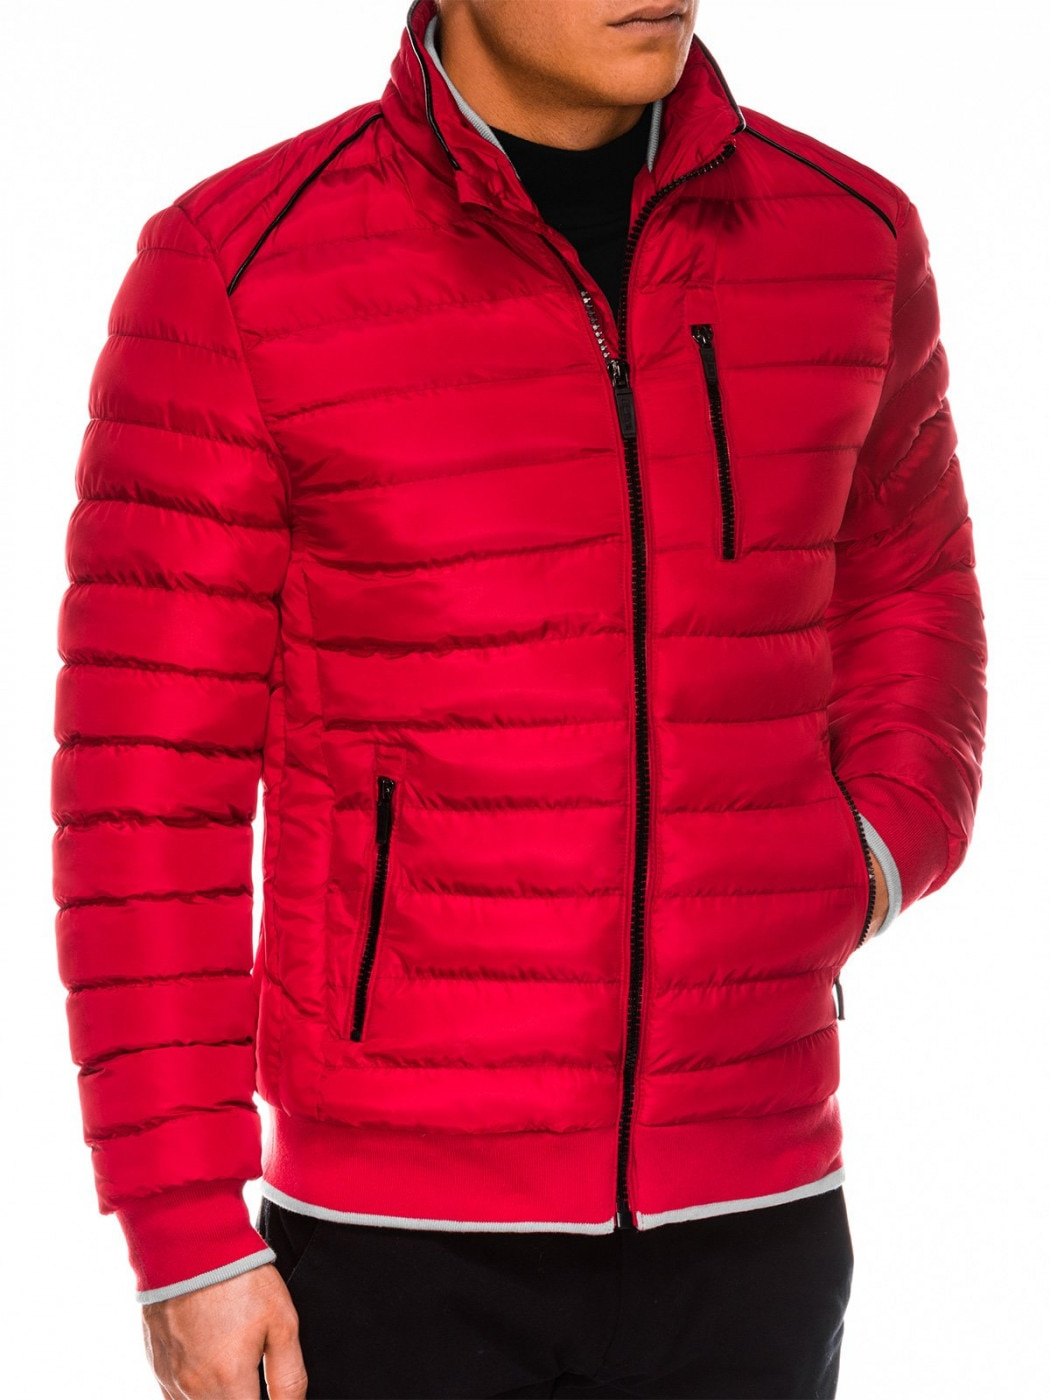 Men's jacket Ombre C422